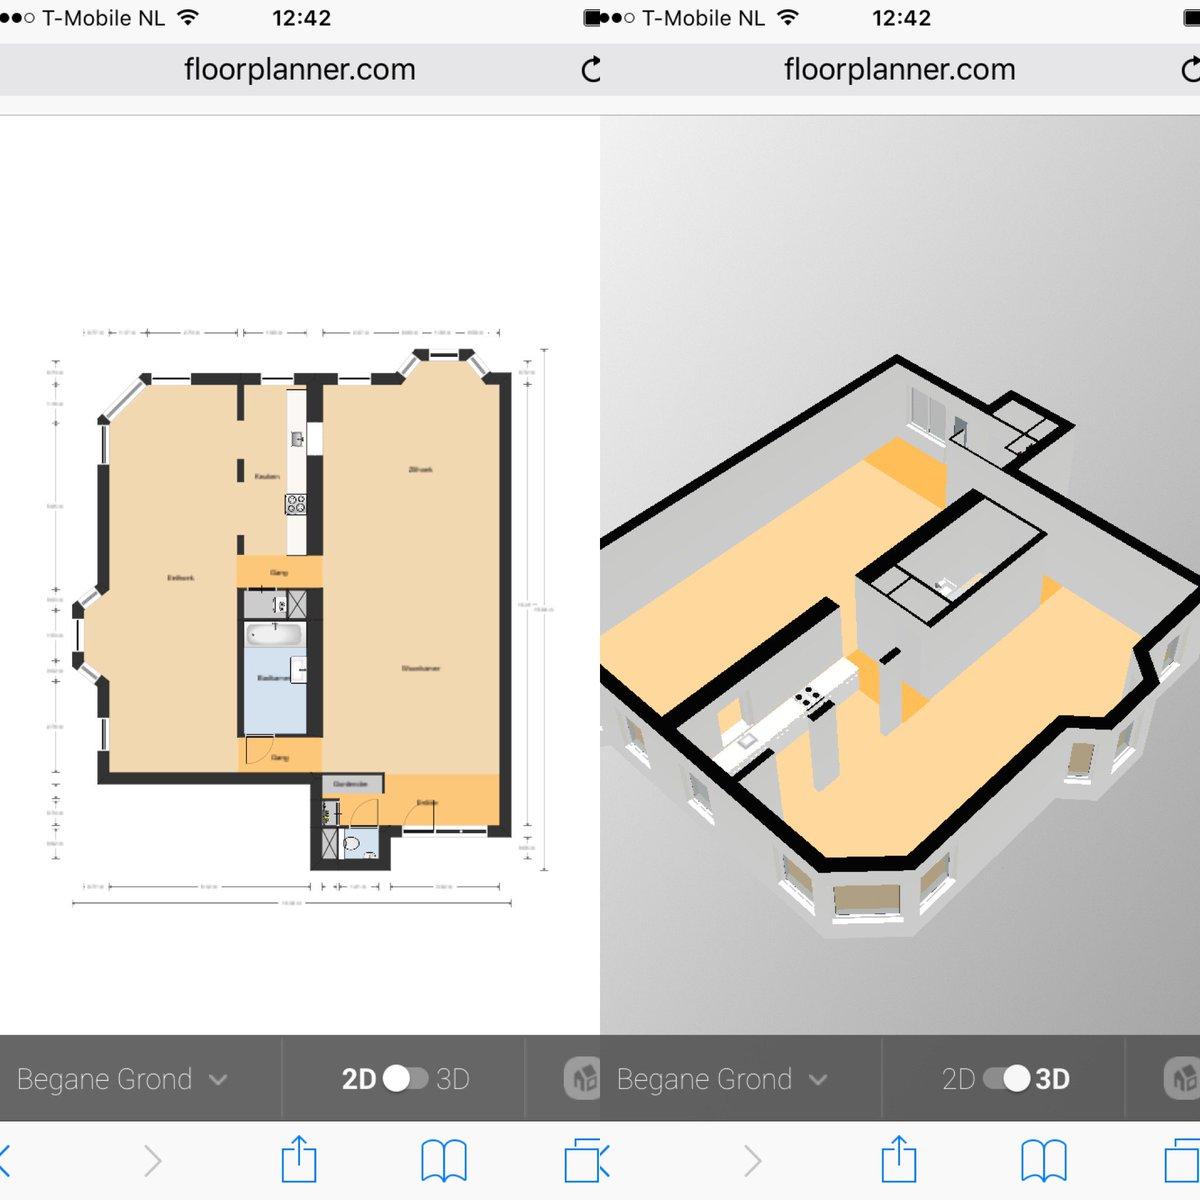 Floorplanner Floorplanner Twitter